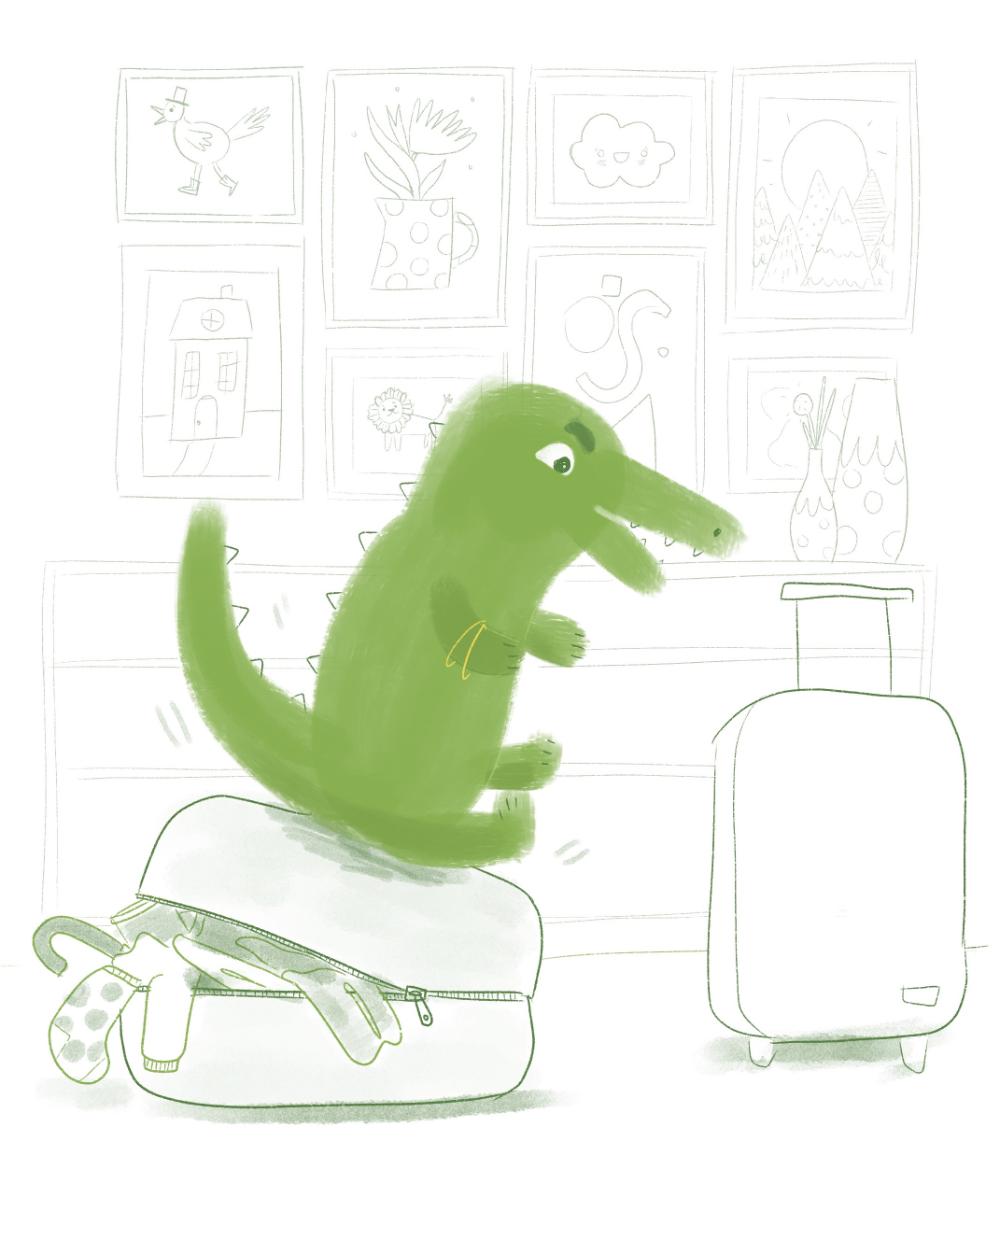 Crocodile packing suitcase illustration by Amie Sabadin